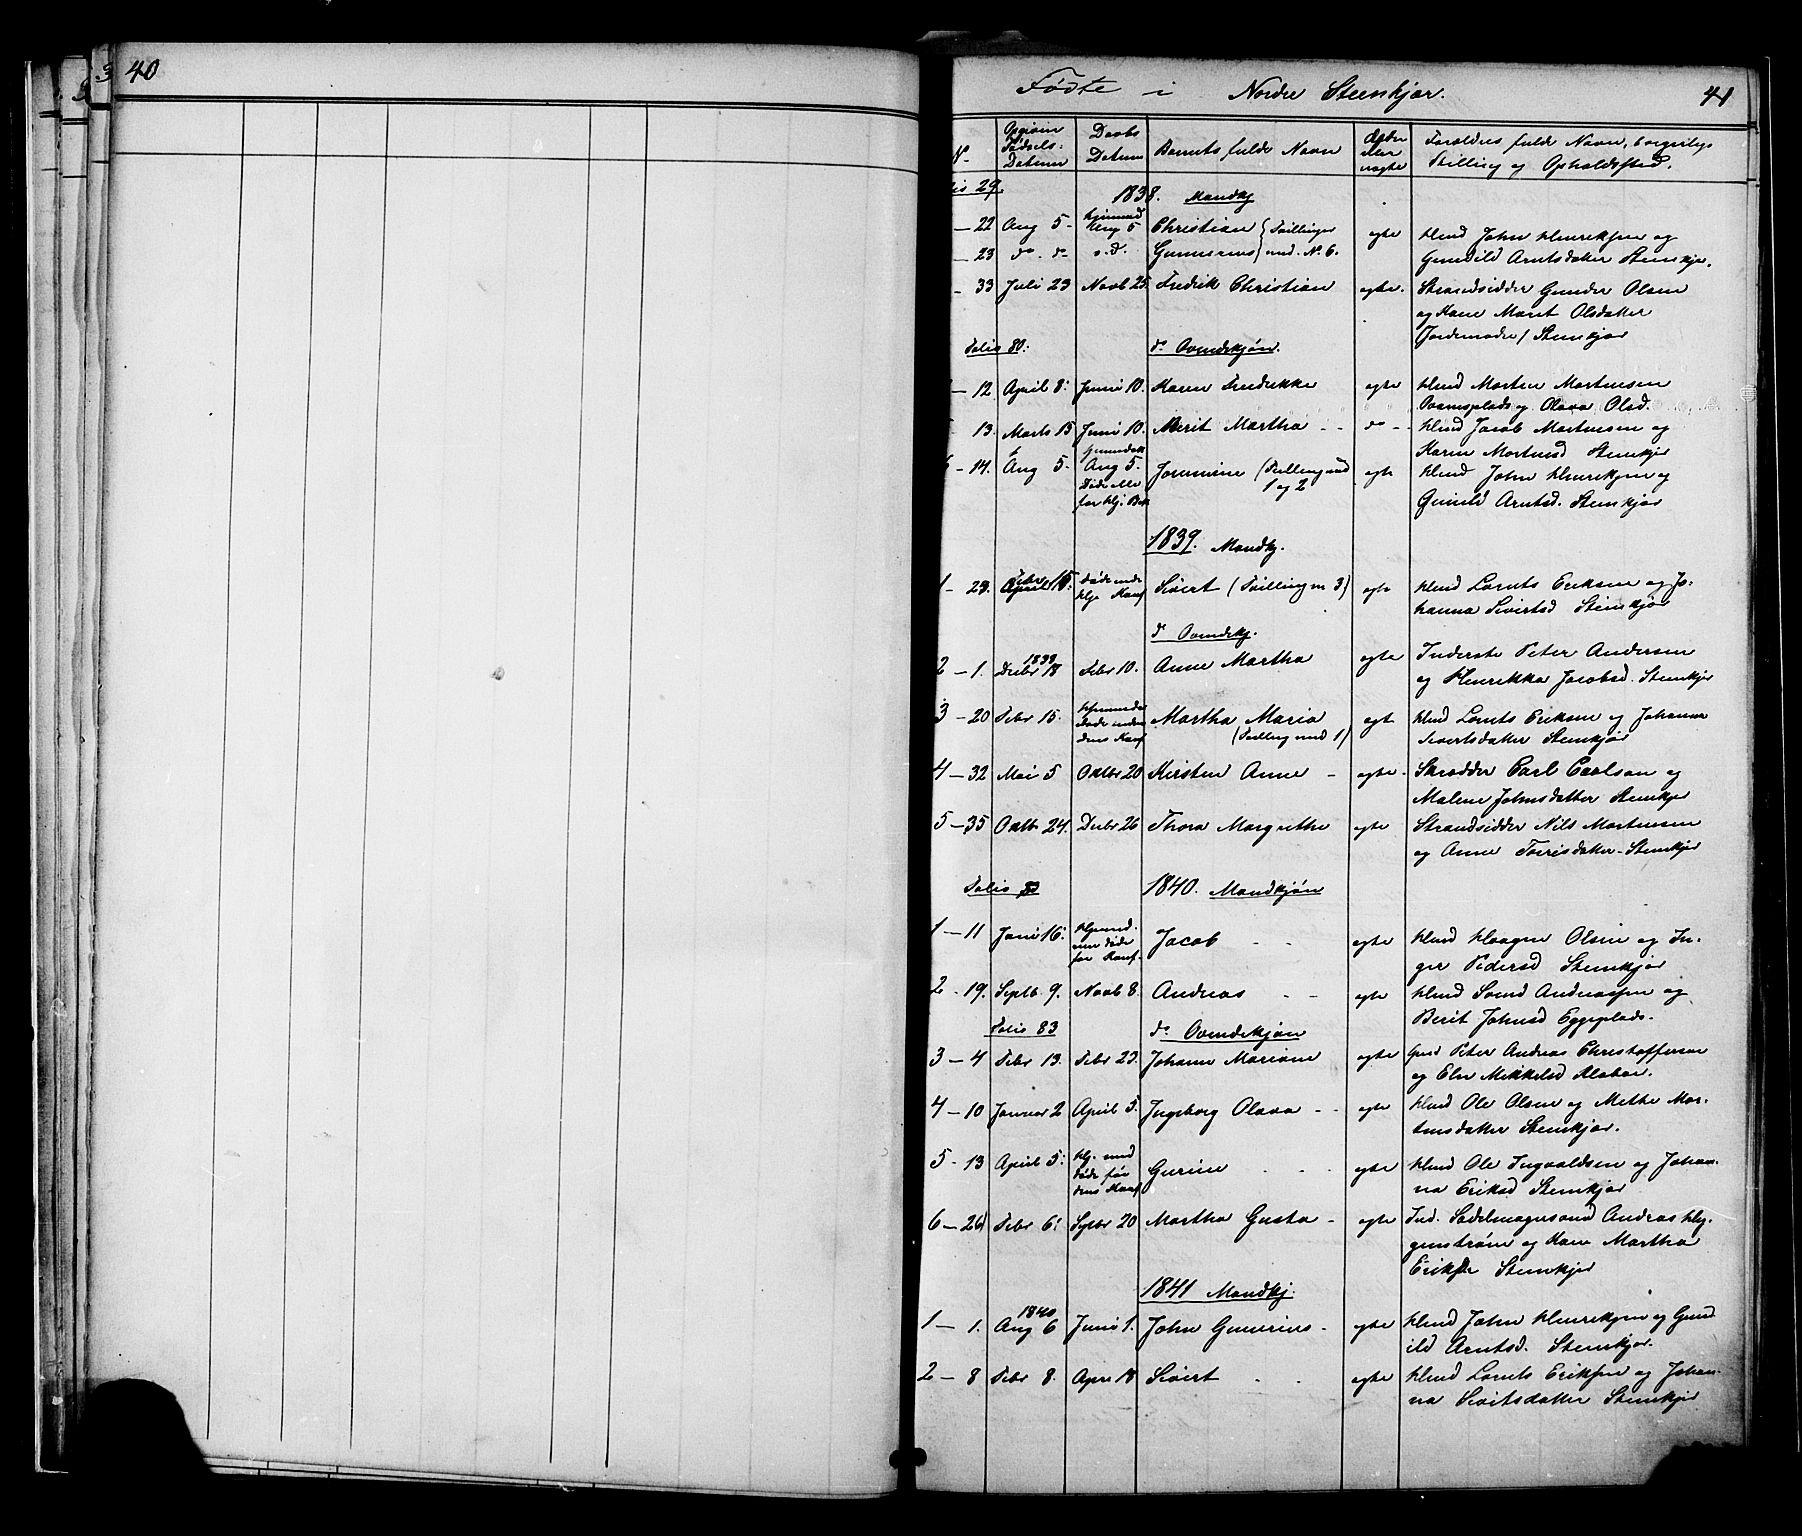 SAT, Ministerialprotokoller, klokkerbøker og fødselsregistre - Nord-Trøndelag, 739/L0367: Ministerialbok nr. 739A01 /2, 1838-1868, s. 40-41